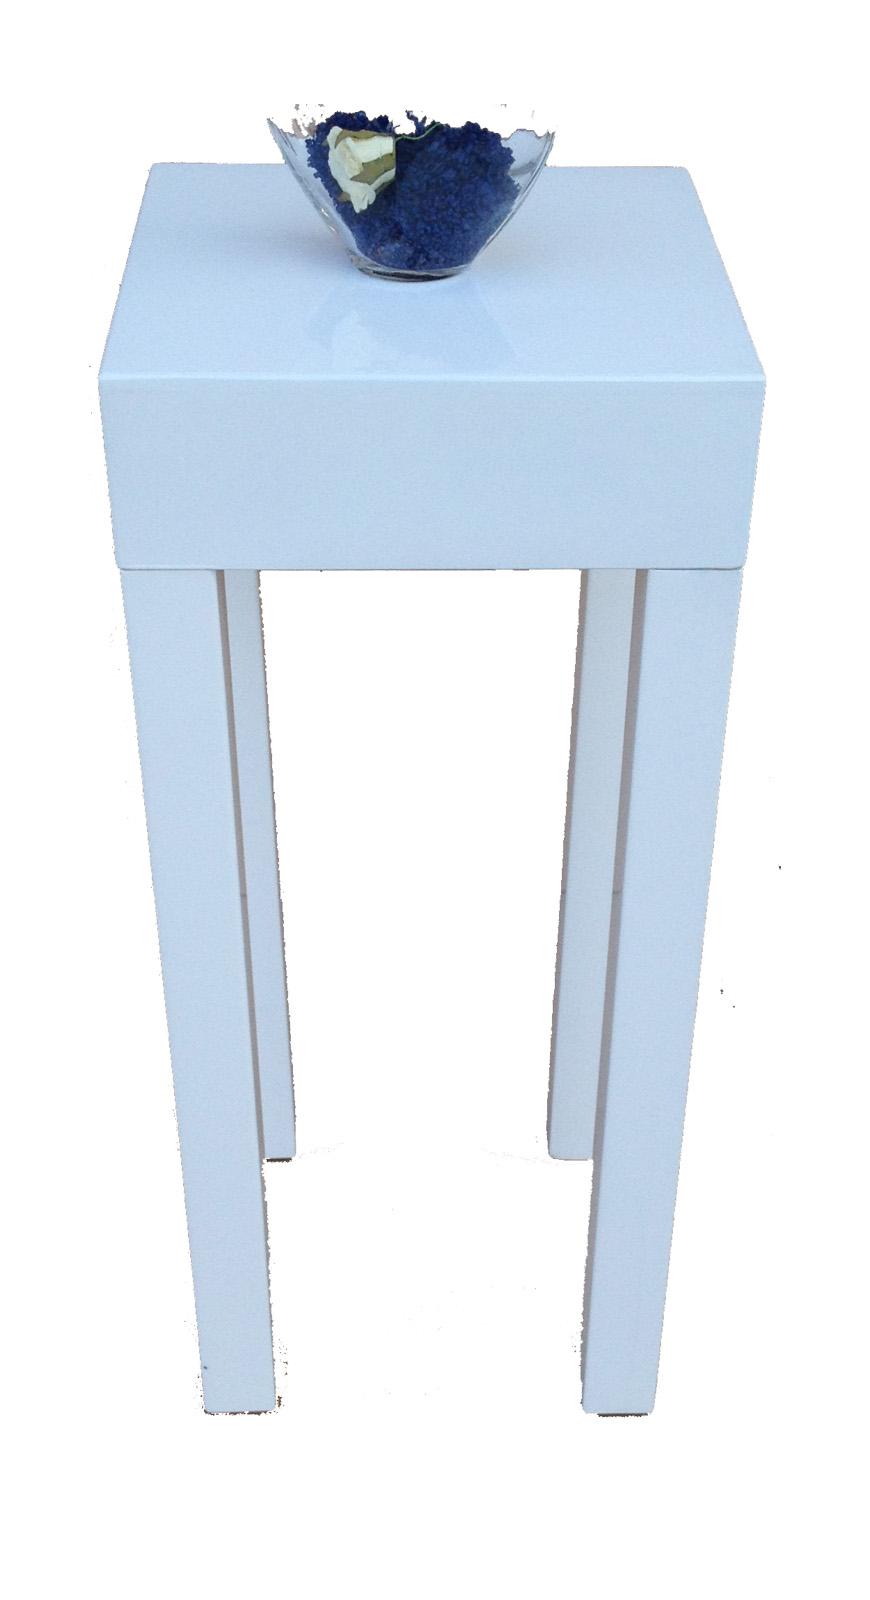 beistelltisch nachtkonsole ablage boxspringbett tisch mod t170 weiss hochglanz ebay. Black Bedroom Furniture Sets. Home Design Ideas